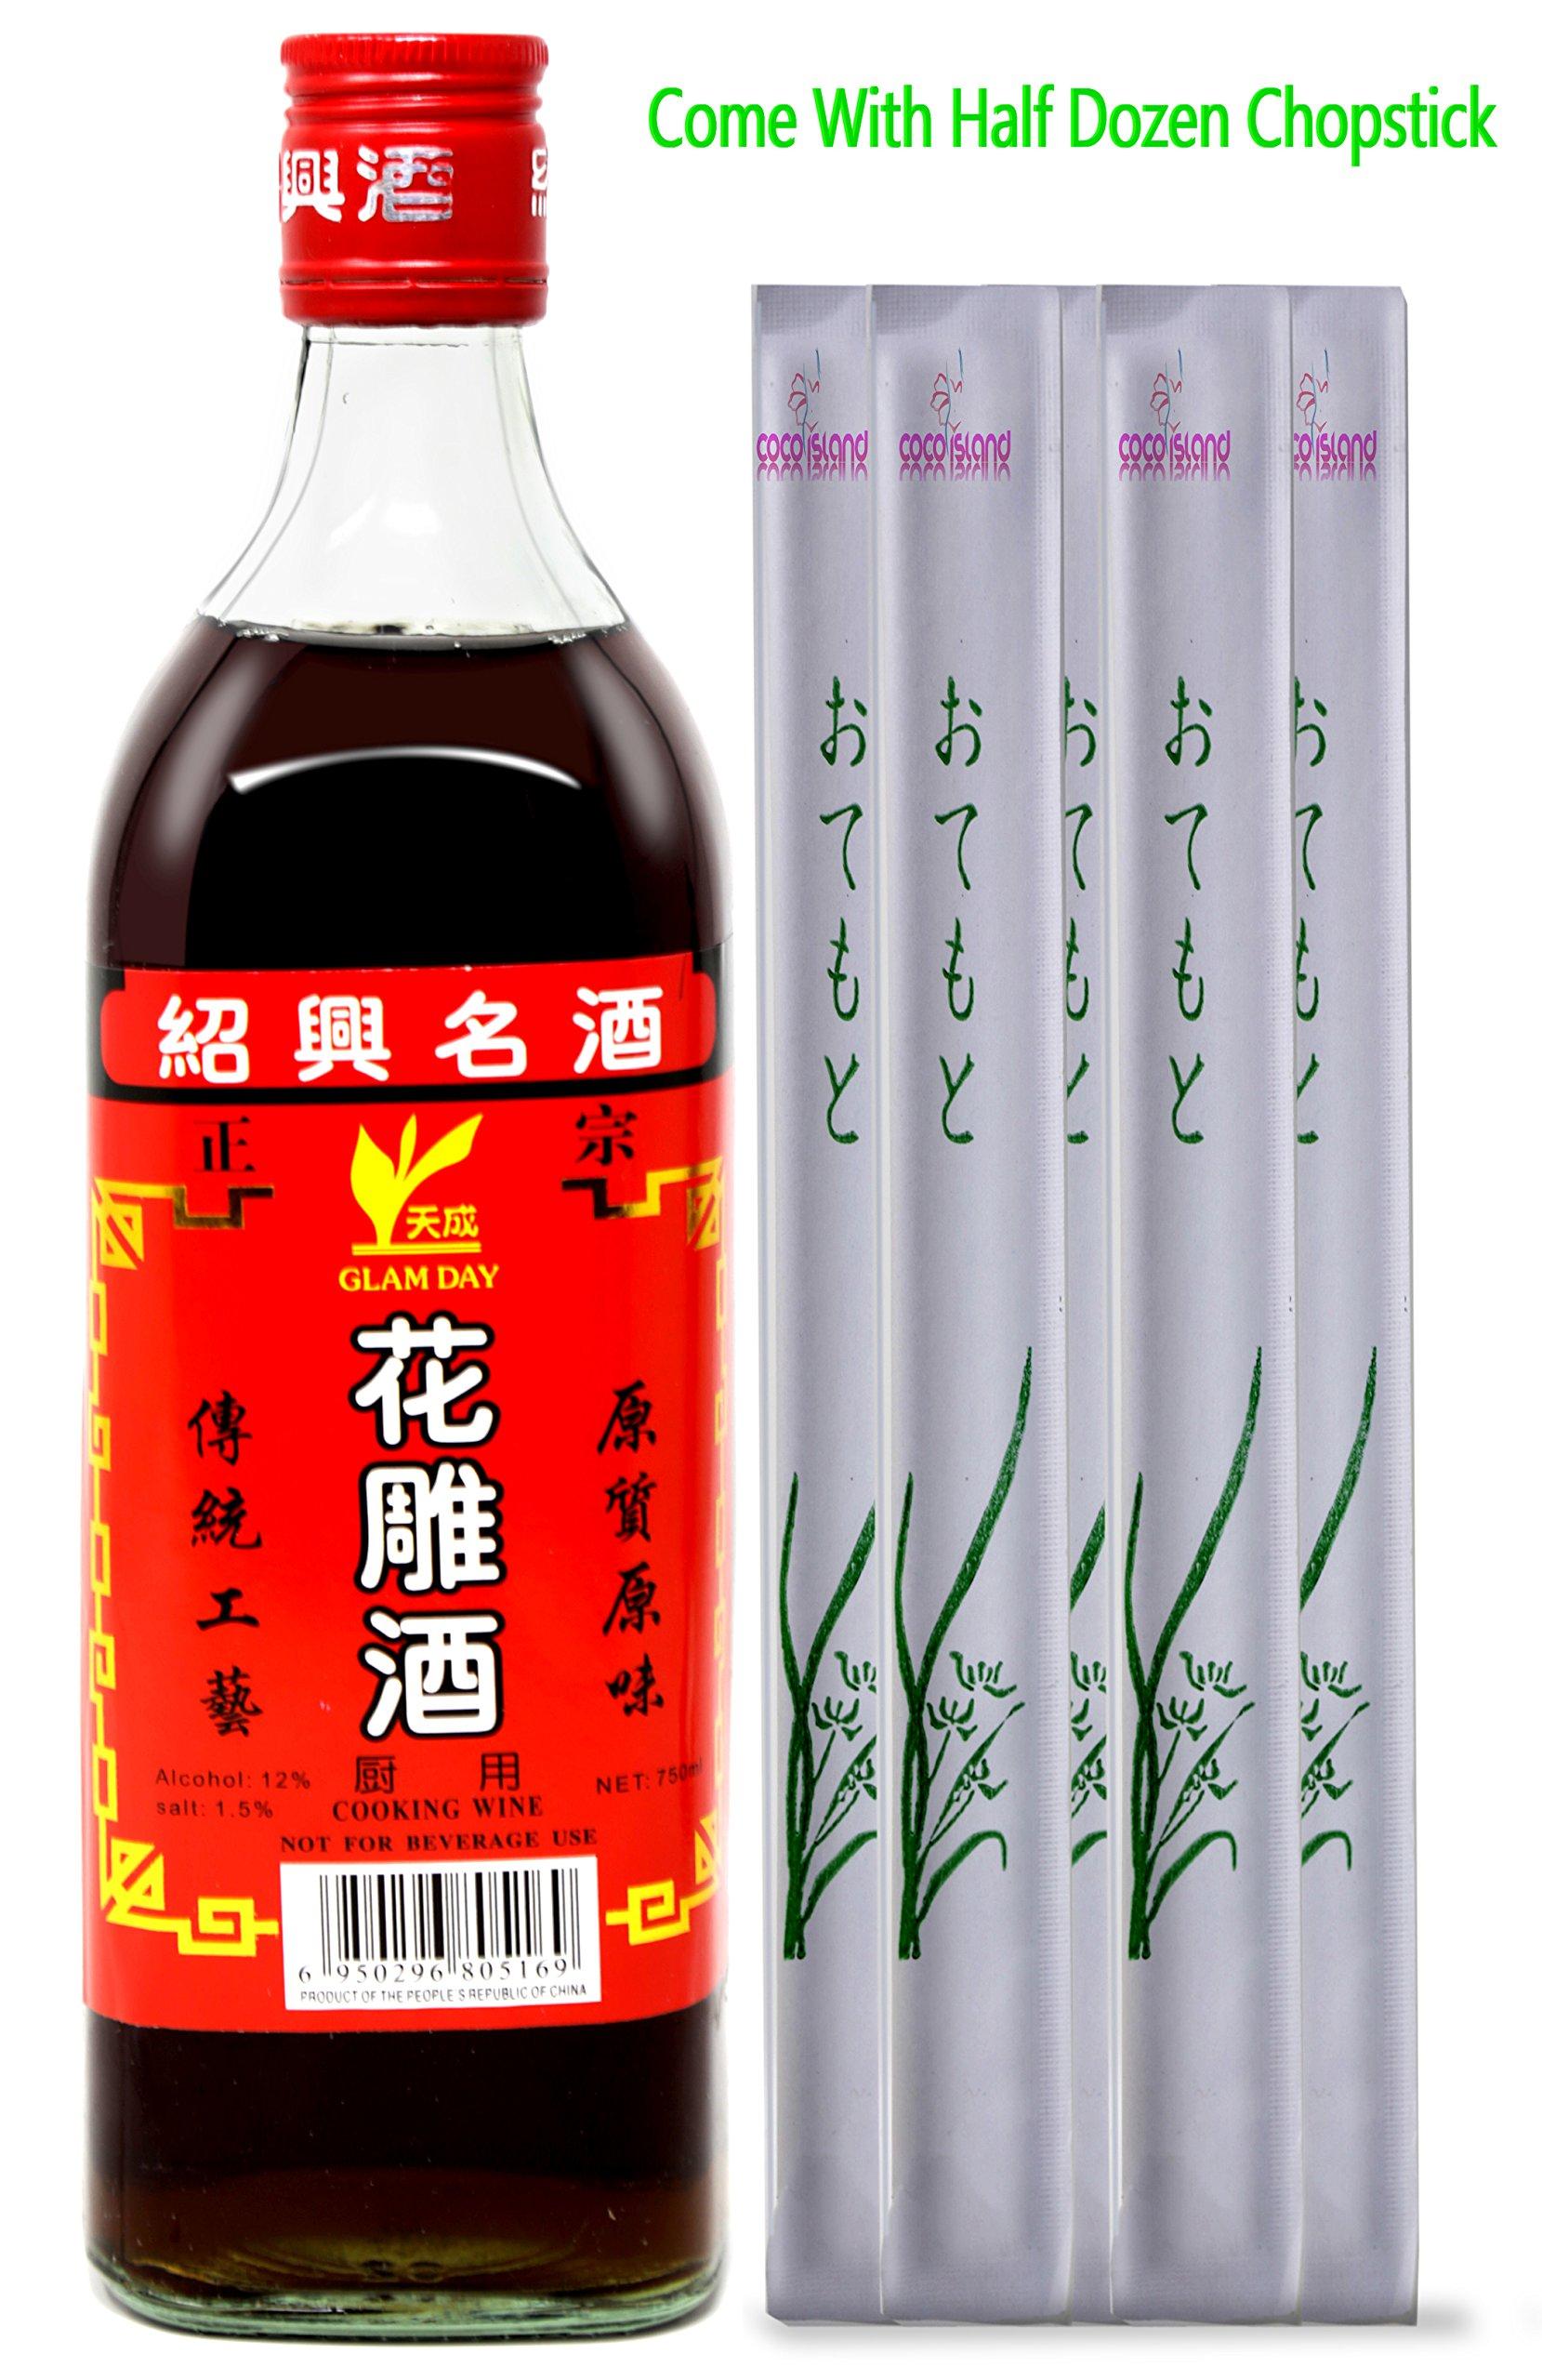 Da Xing SHAOHSING RICE COOKING WINE 750ML (Plus Chopsticks) by Da Xing